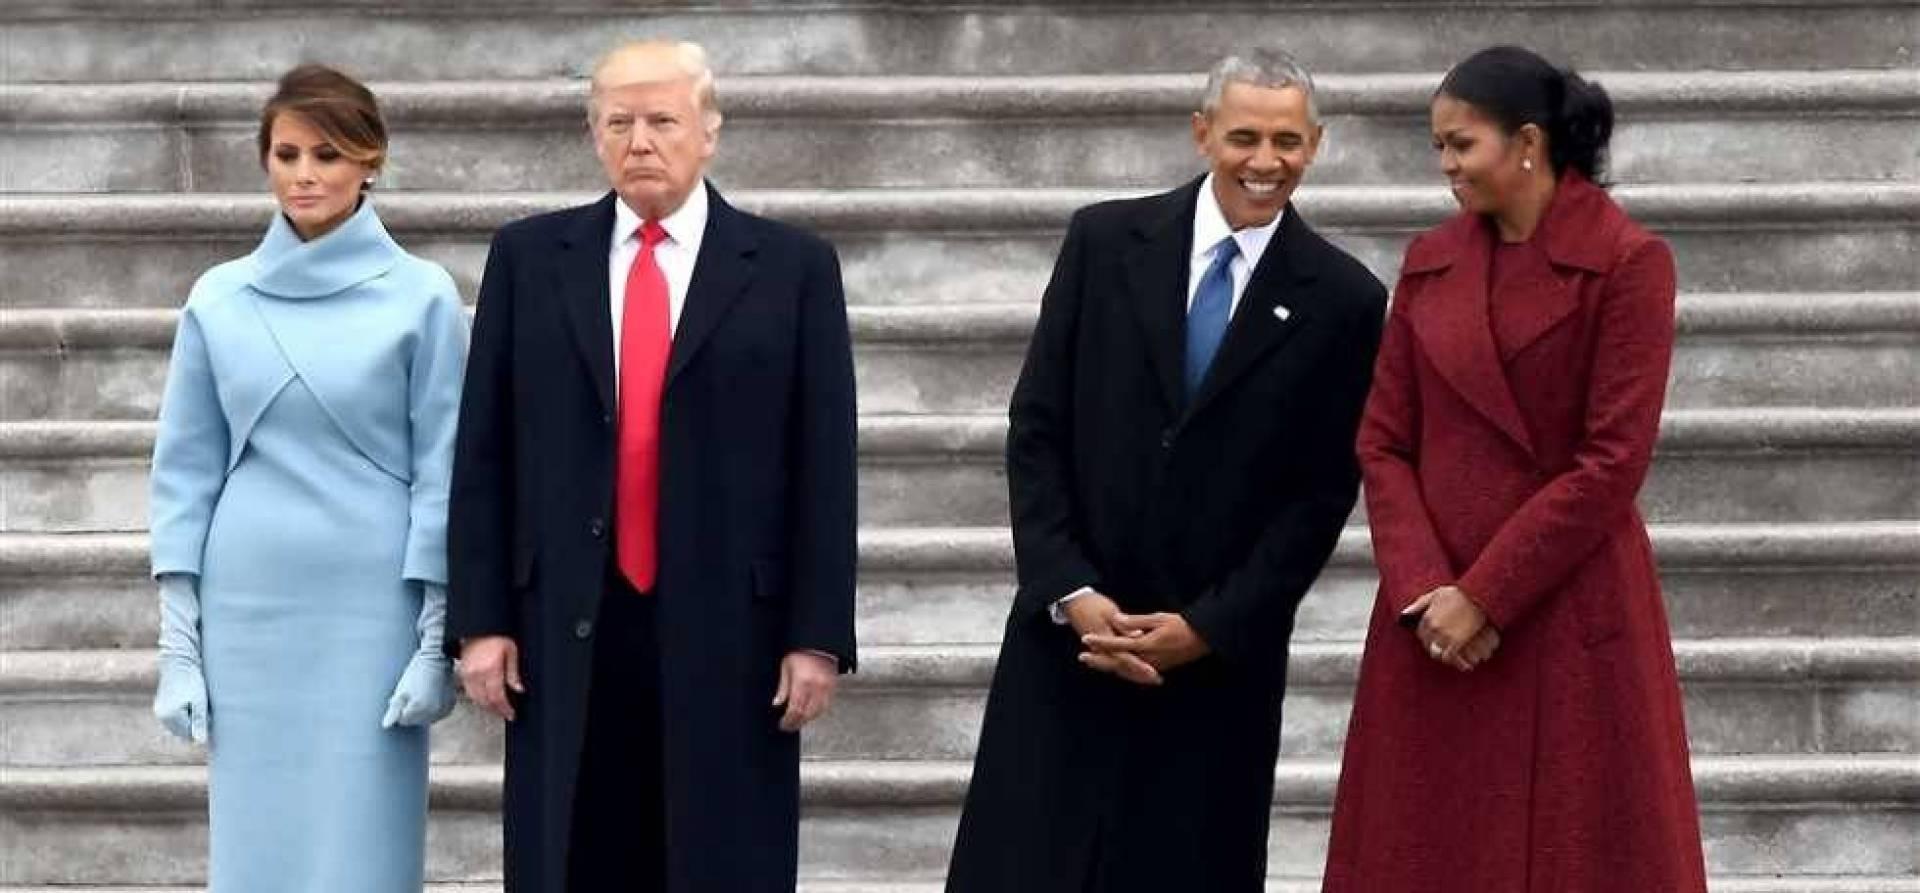 فوضى إدارة ترامب في مسلسل كوميدي.. ينتجه أوباما وزوجته